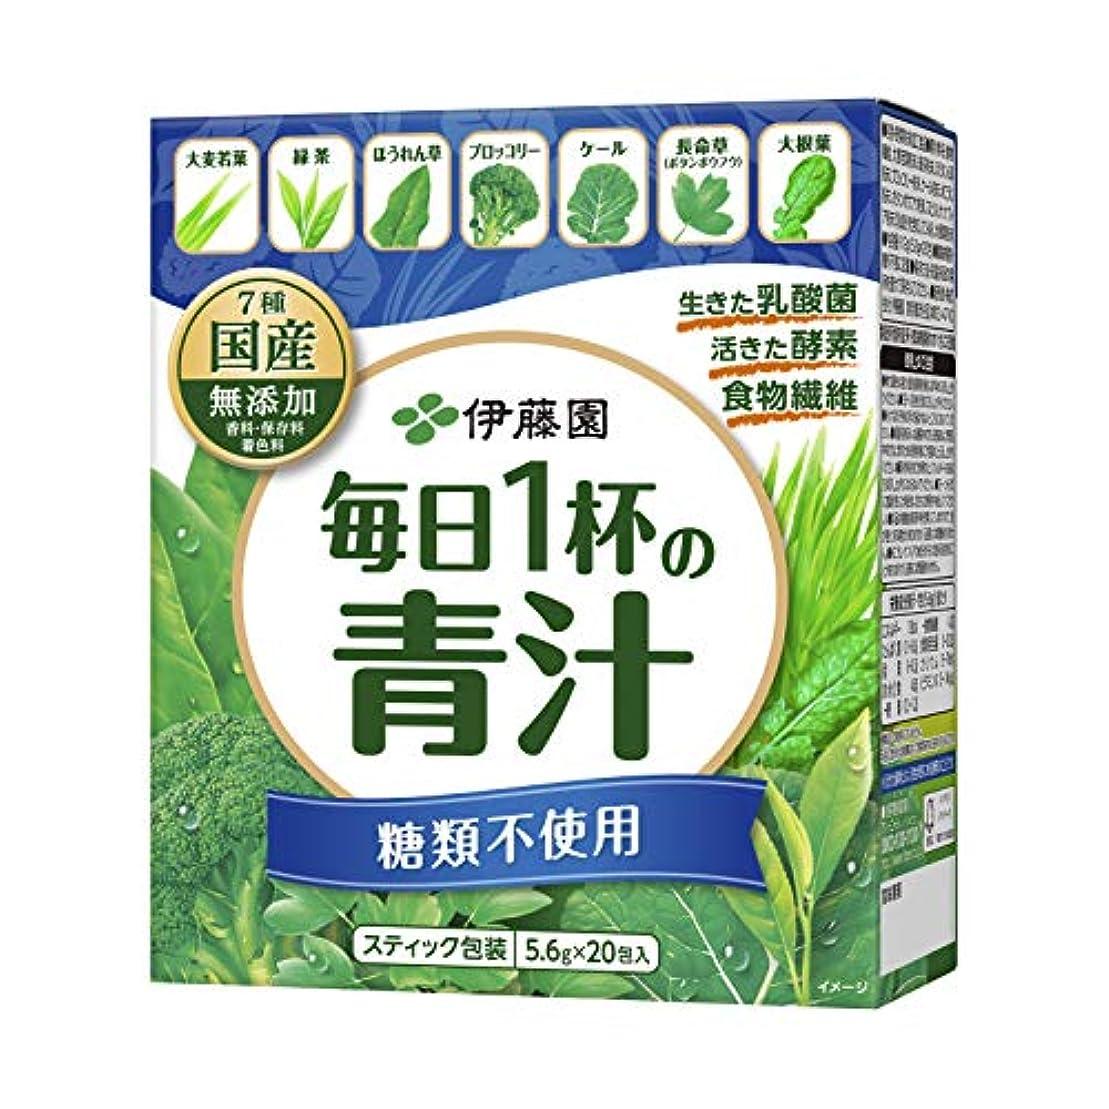 シーケンス司法きらめき伊藤園 毎日1杯の青汁 粉末タイプ (糖類不使用) 5.6g×20包